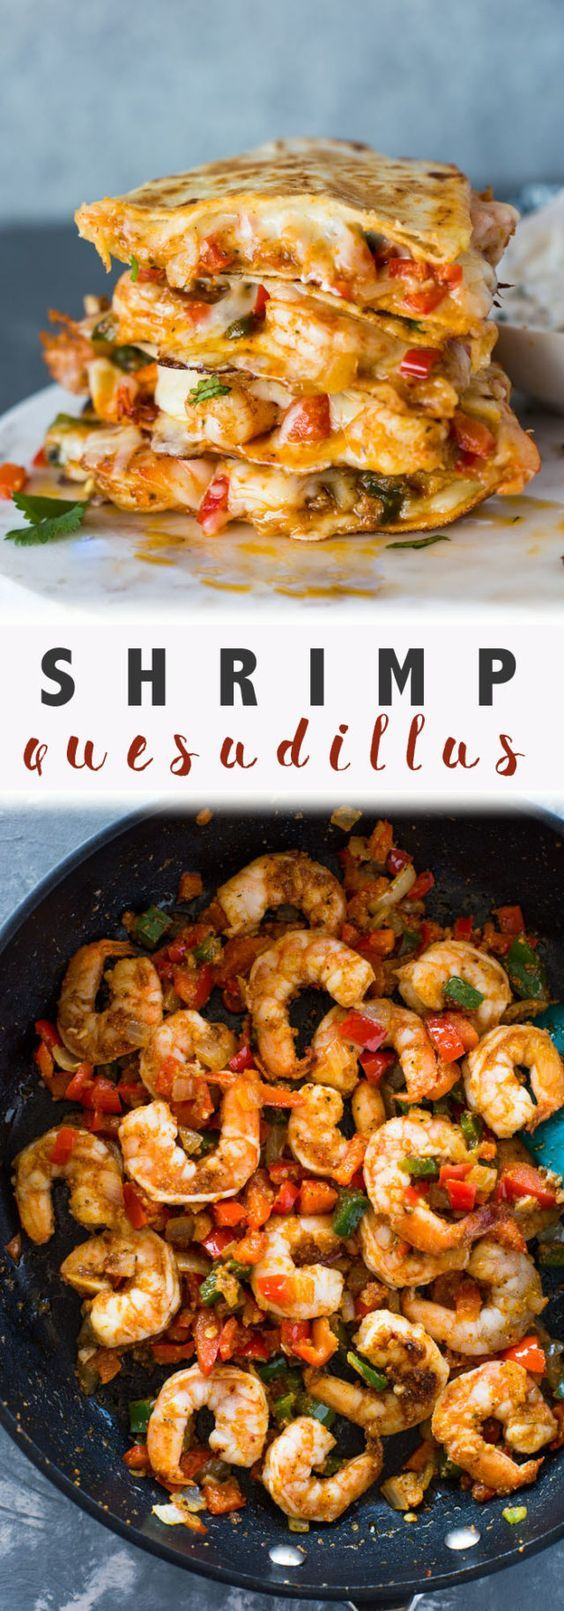 Photo of Shrimp Quesadillas